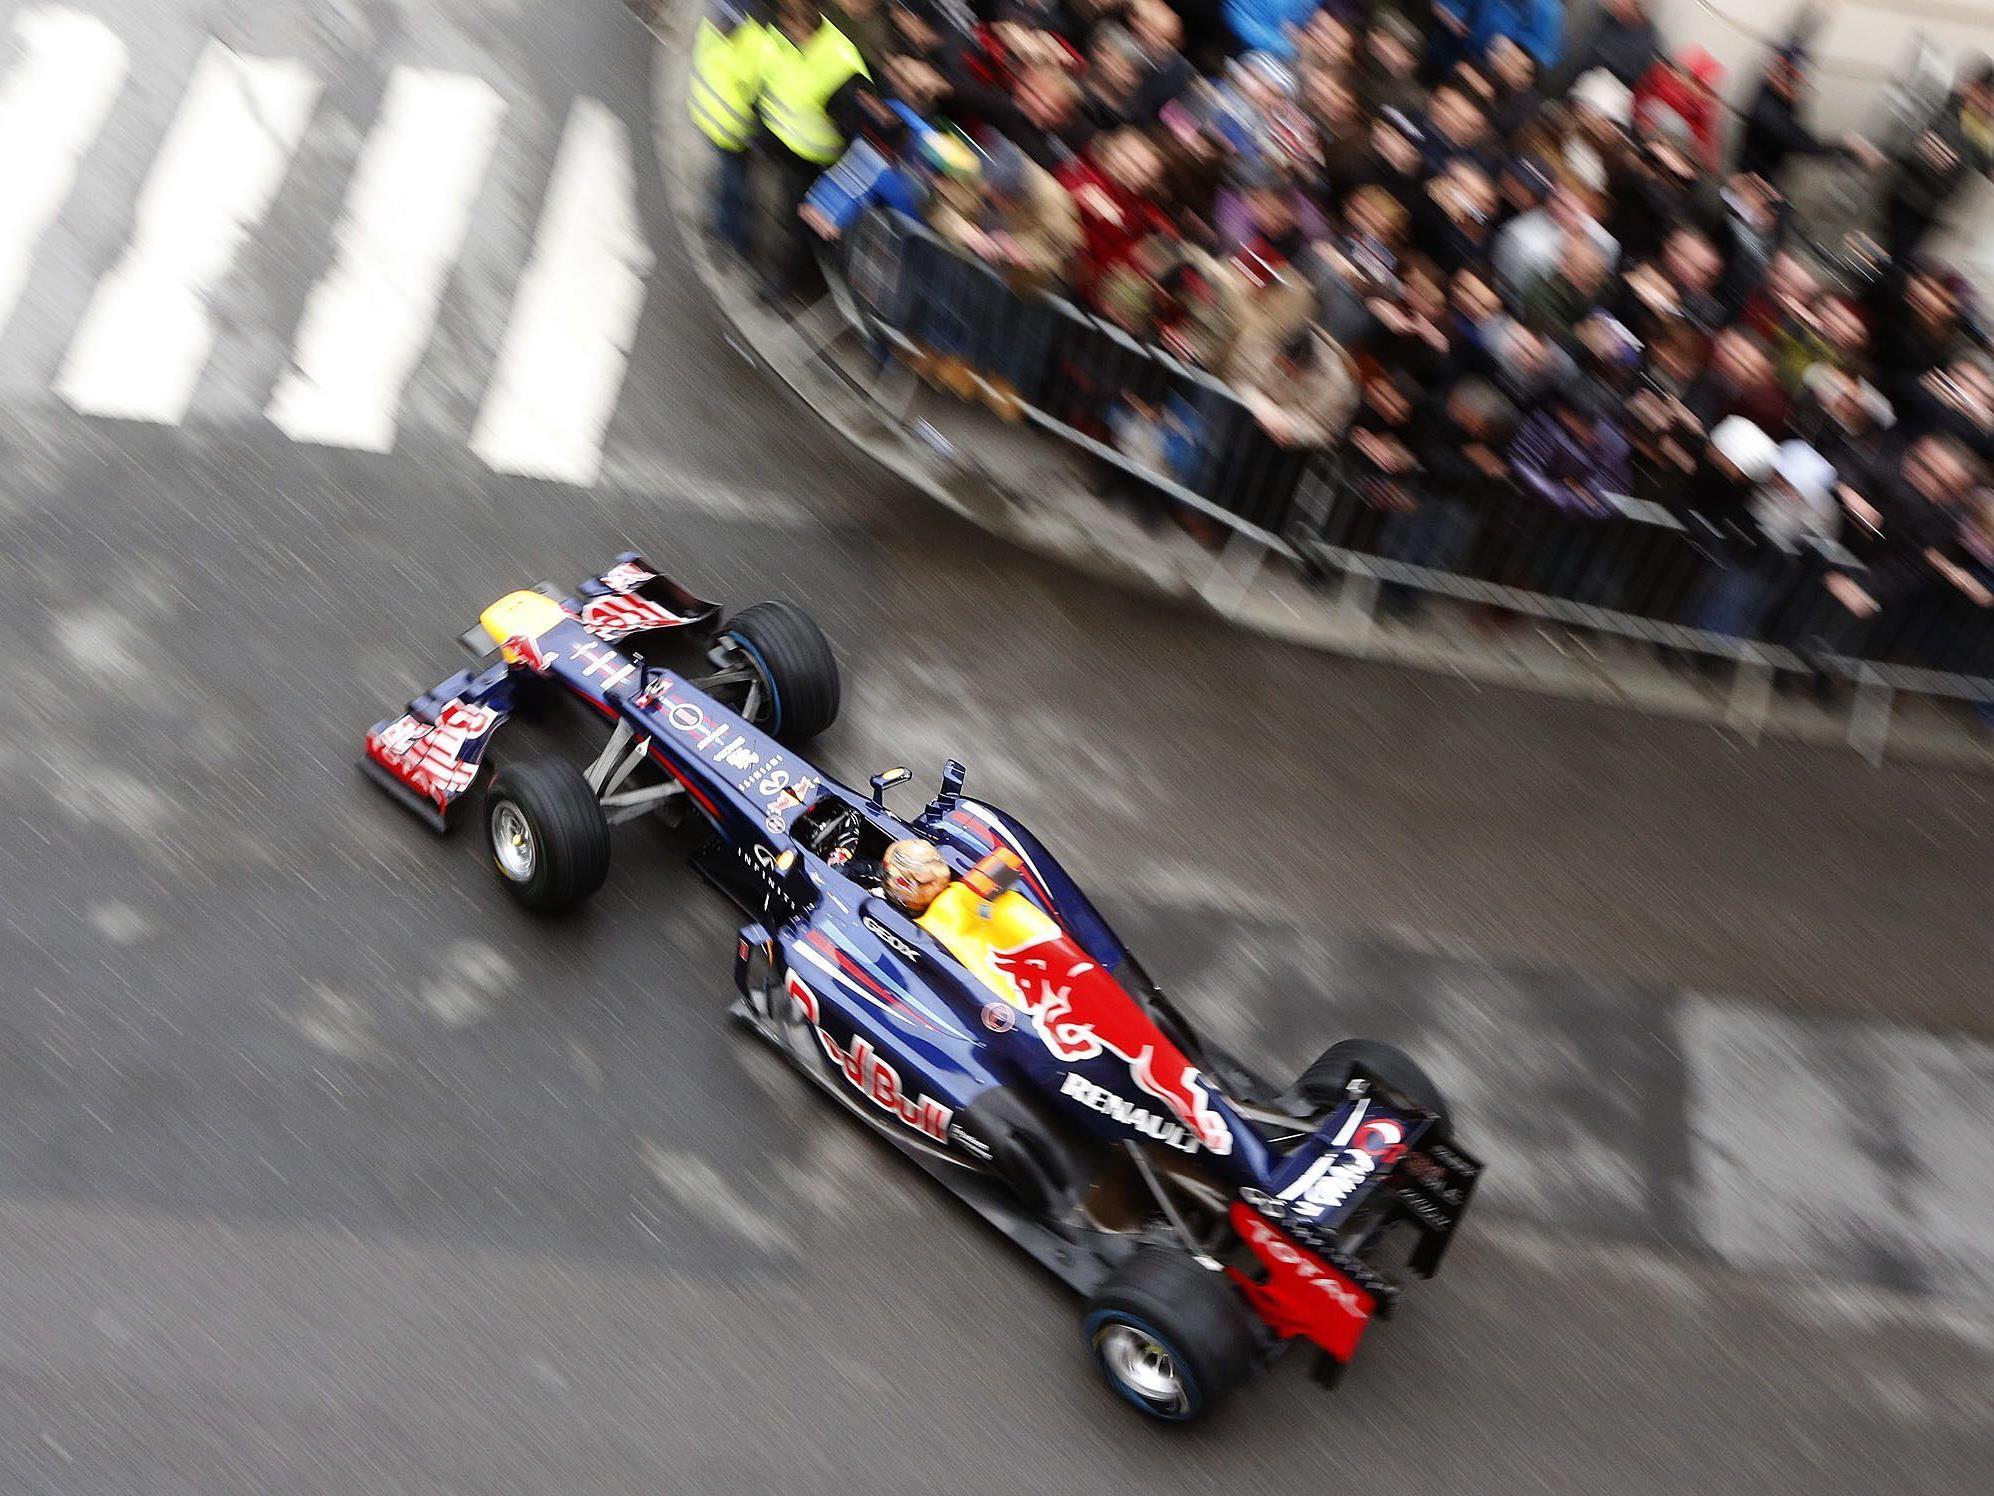 Showrun mit Vettel: Rauchende Reifen und enormer Zuschauerandrang in Graz